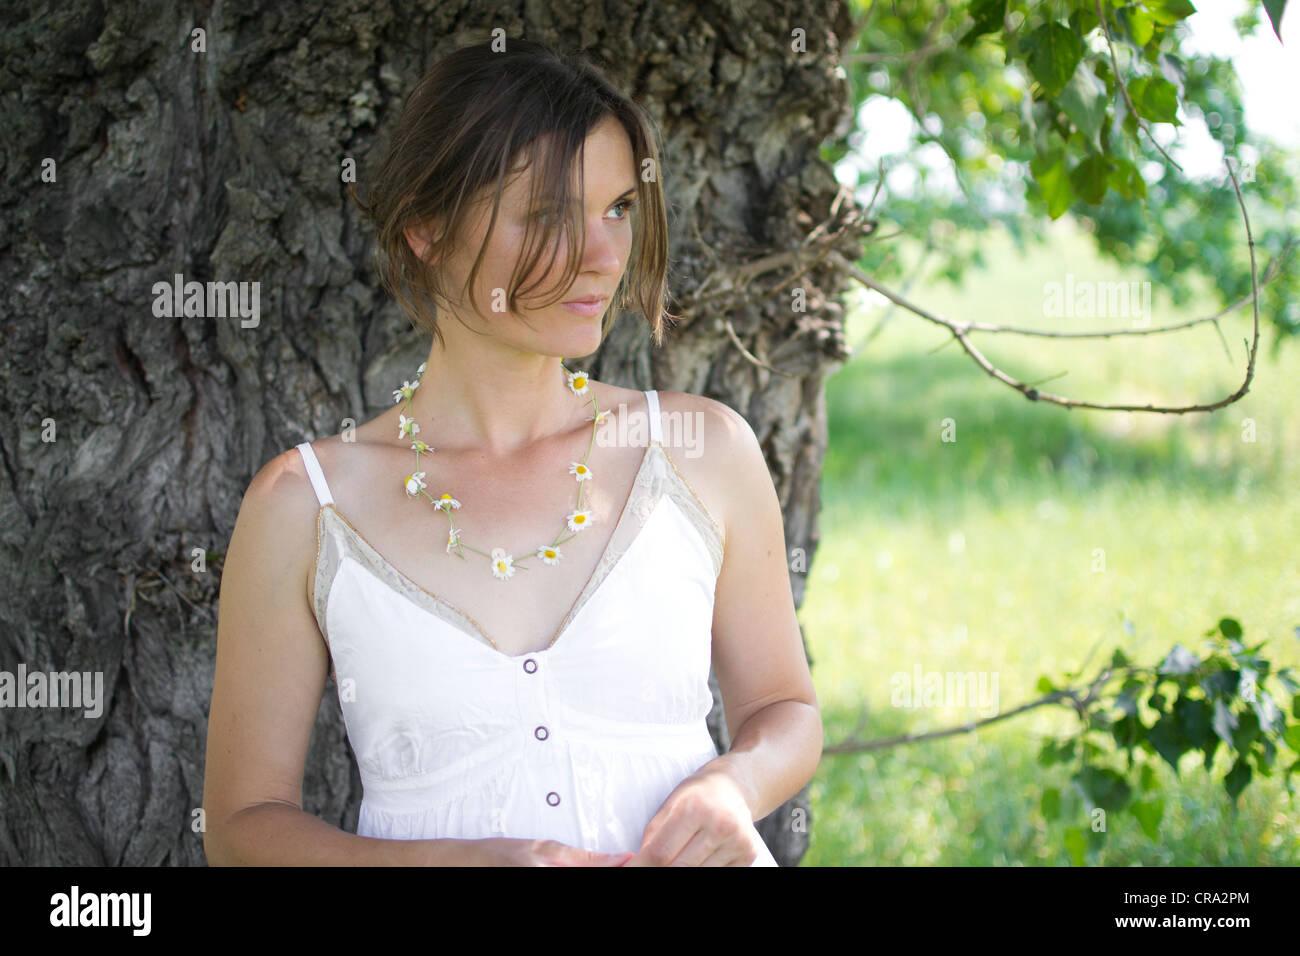 Belle jeune femme de détente dans un pré vert dans la campagne jouant avec un rouge coquelicot Banque D'Images